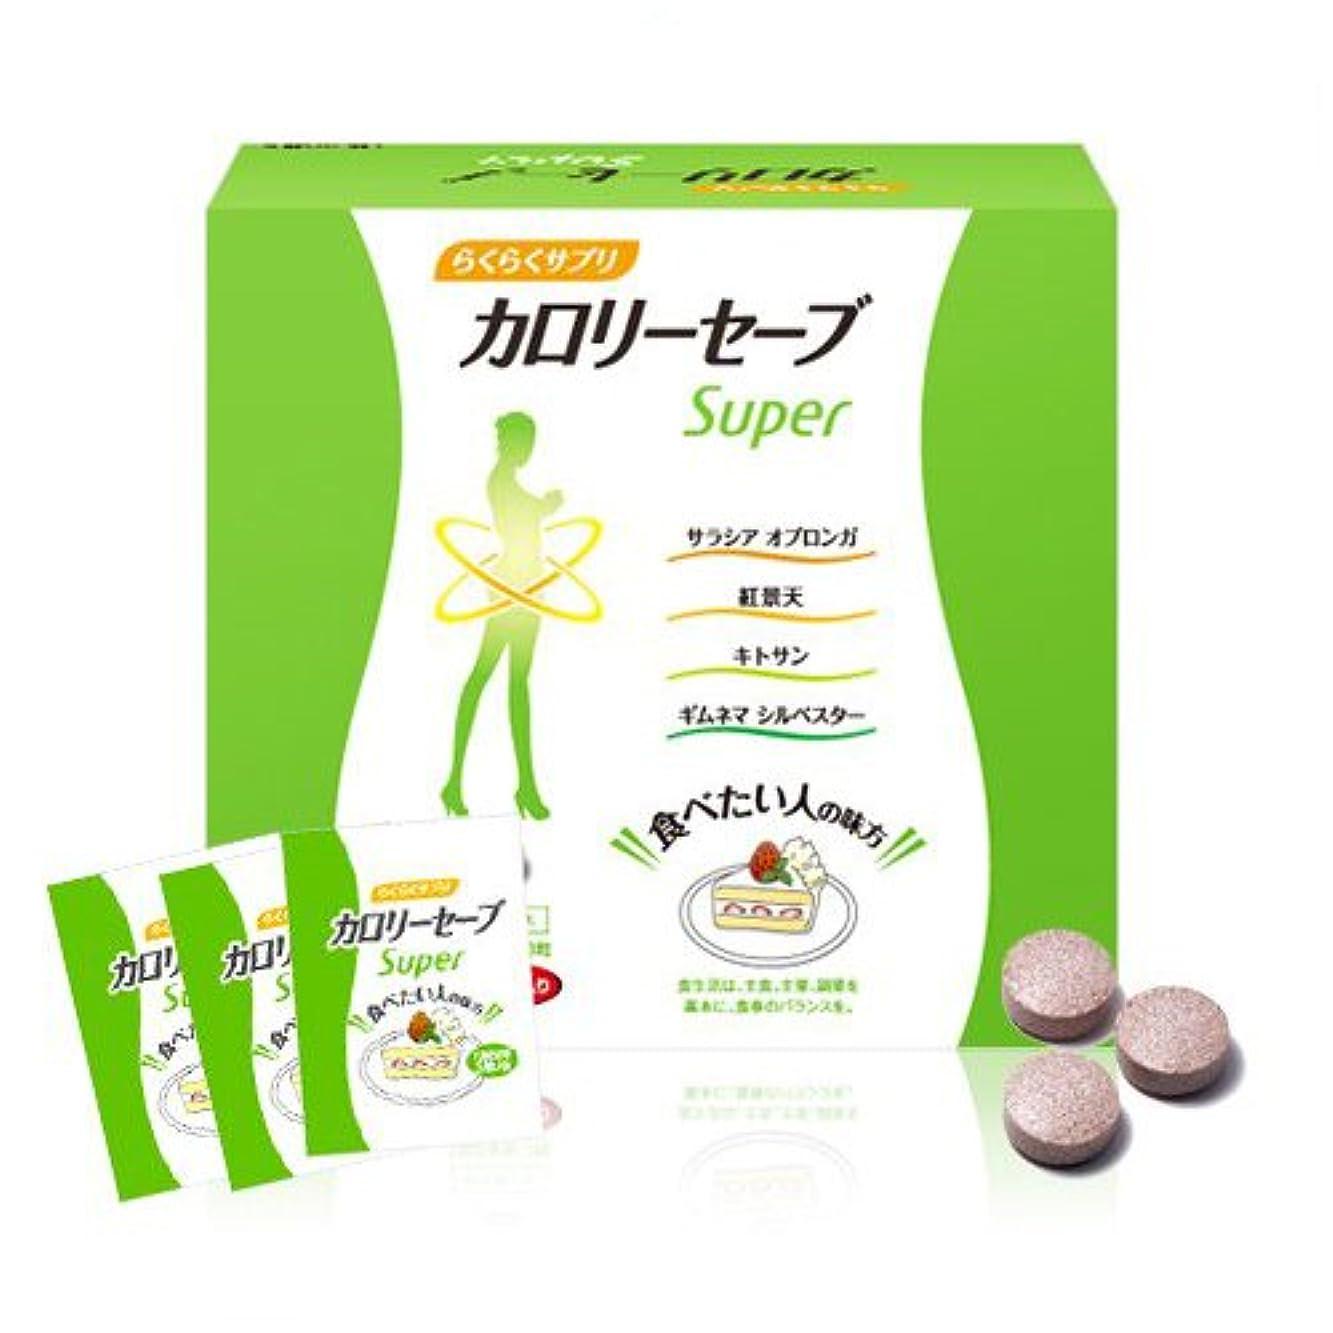 キャストペッカディロ野菜スリムサプリメント らくらくサプリ カロリーセーブスーパー1箱(05680)